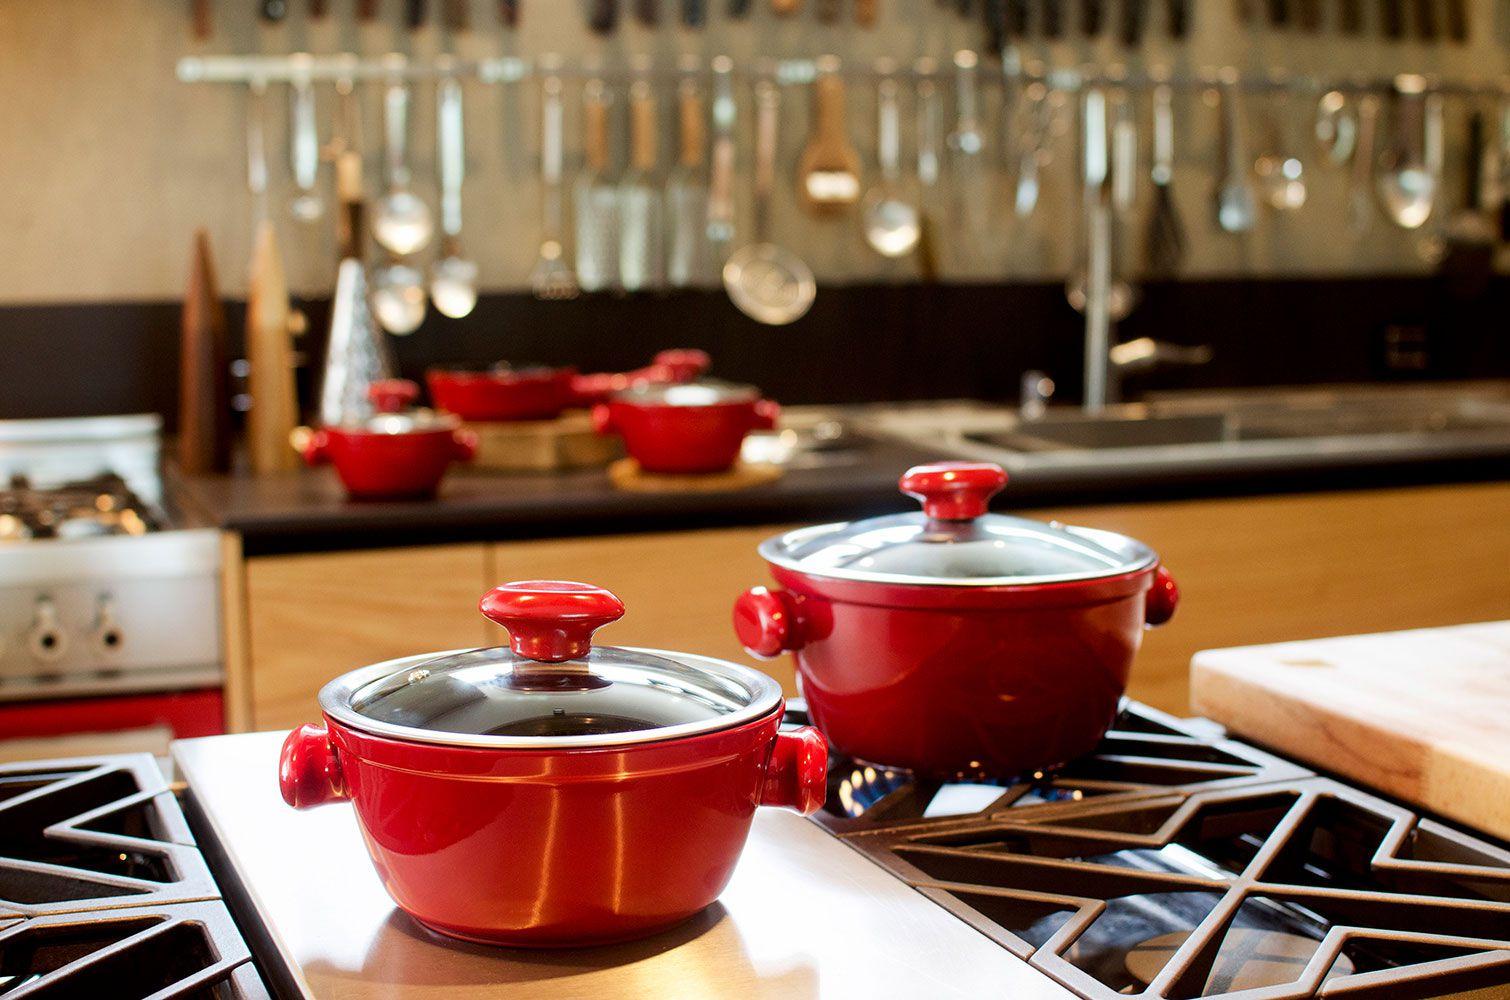 Caçarola 20 cm - 2,2 litros - Vermelha - Linha Chef - Ceraflame  - Lojão de Ofertas